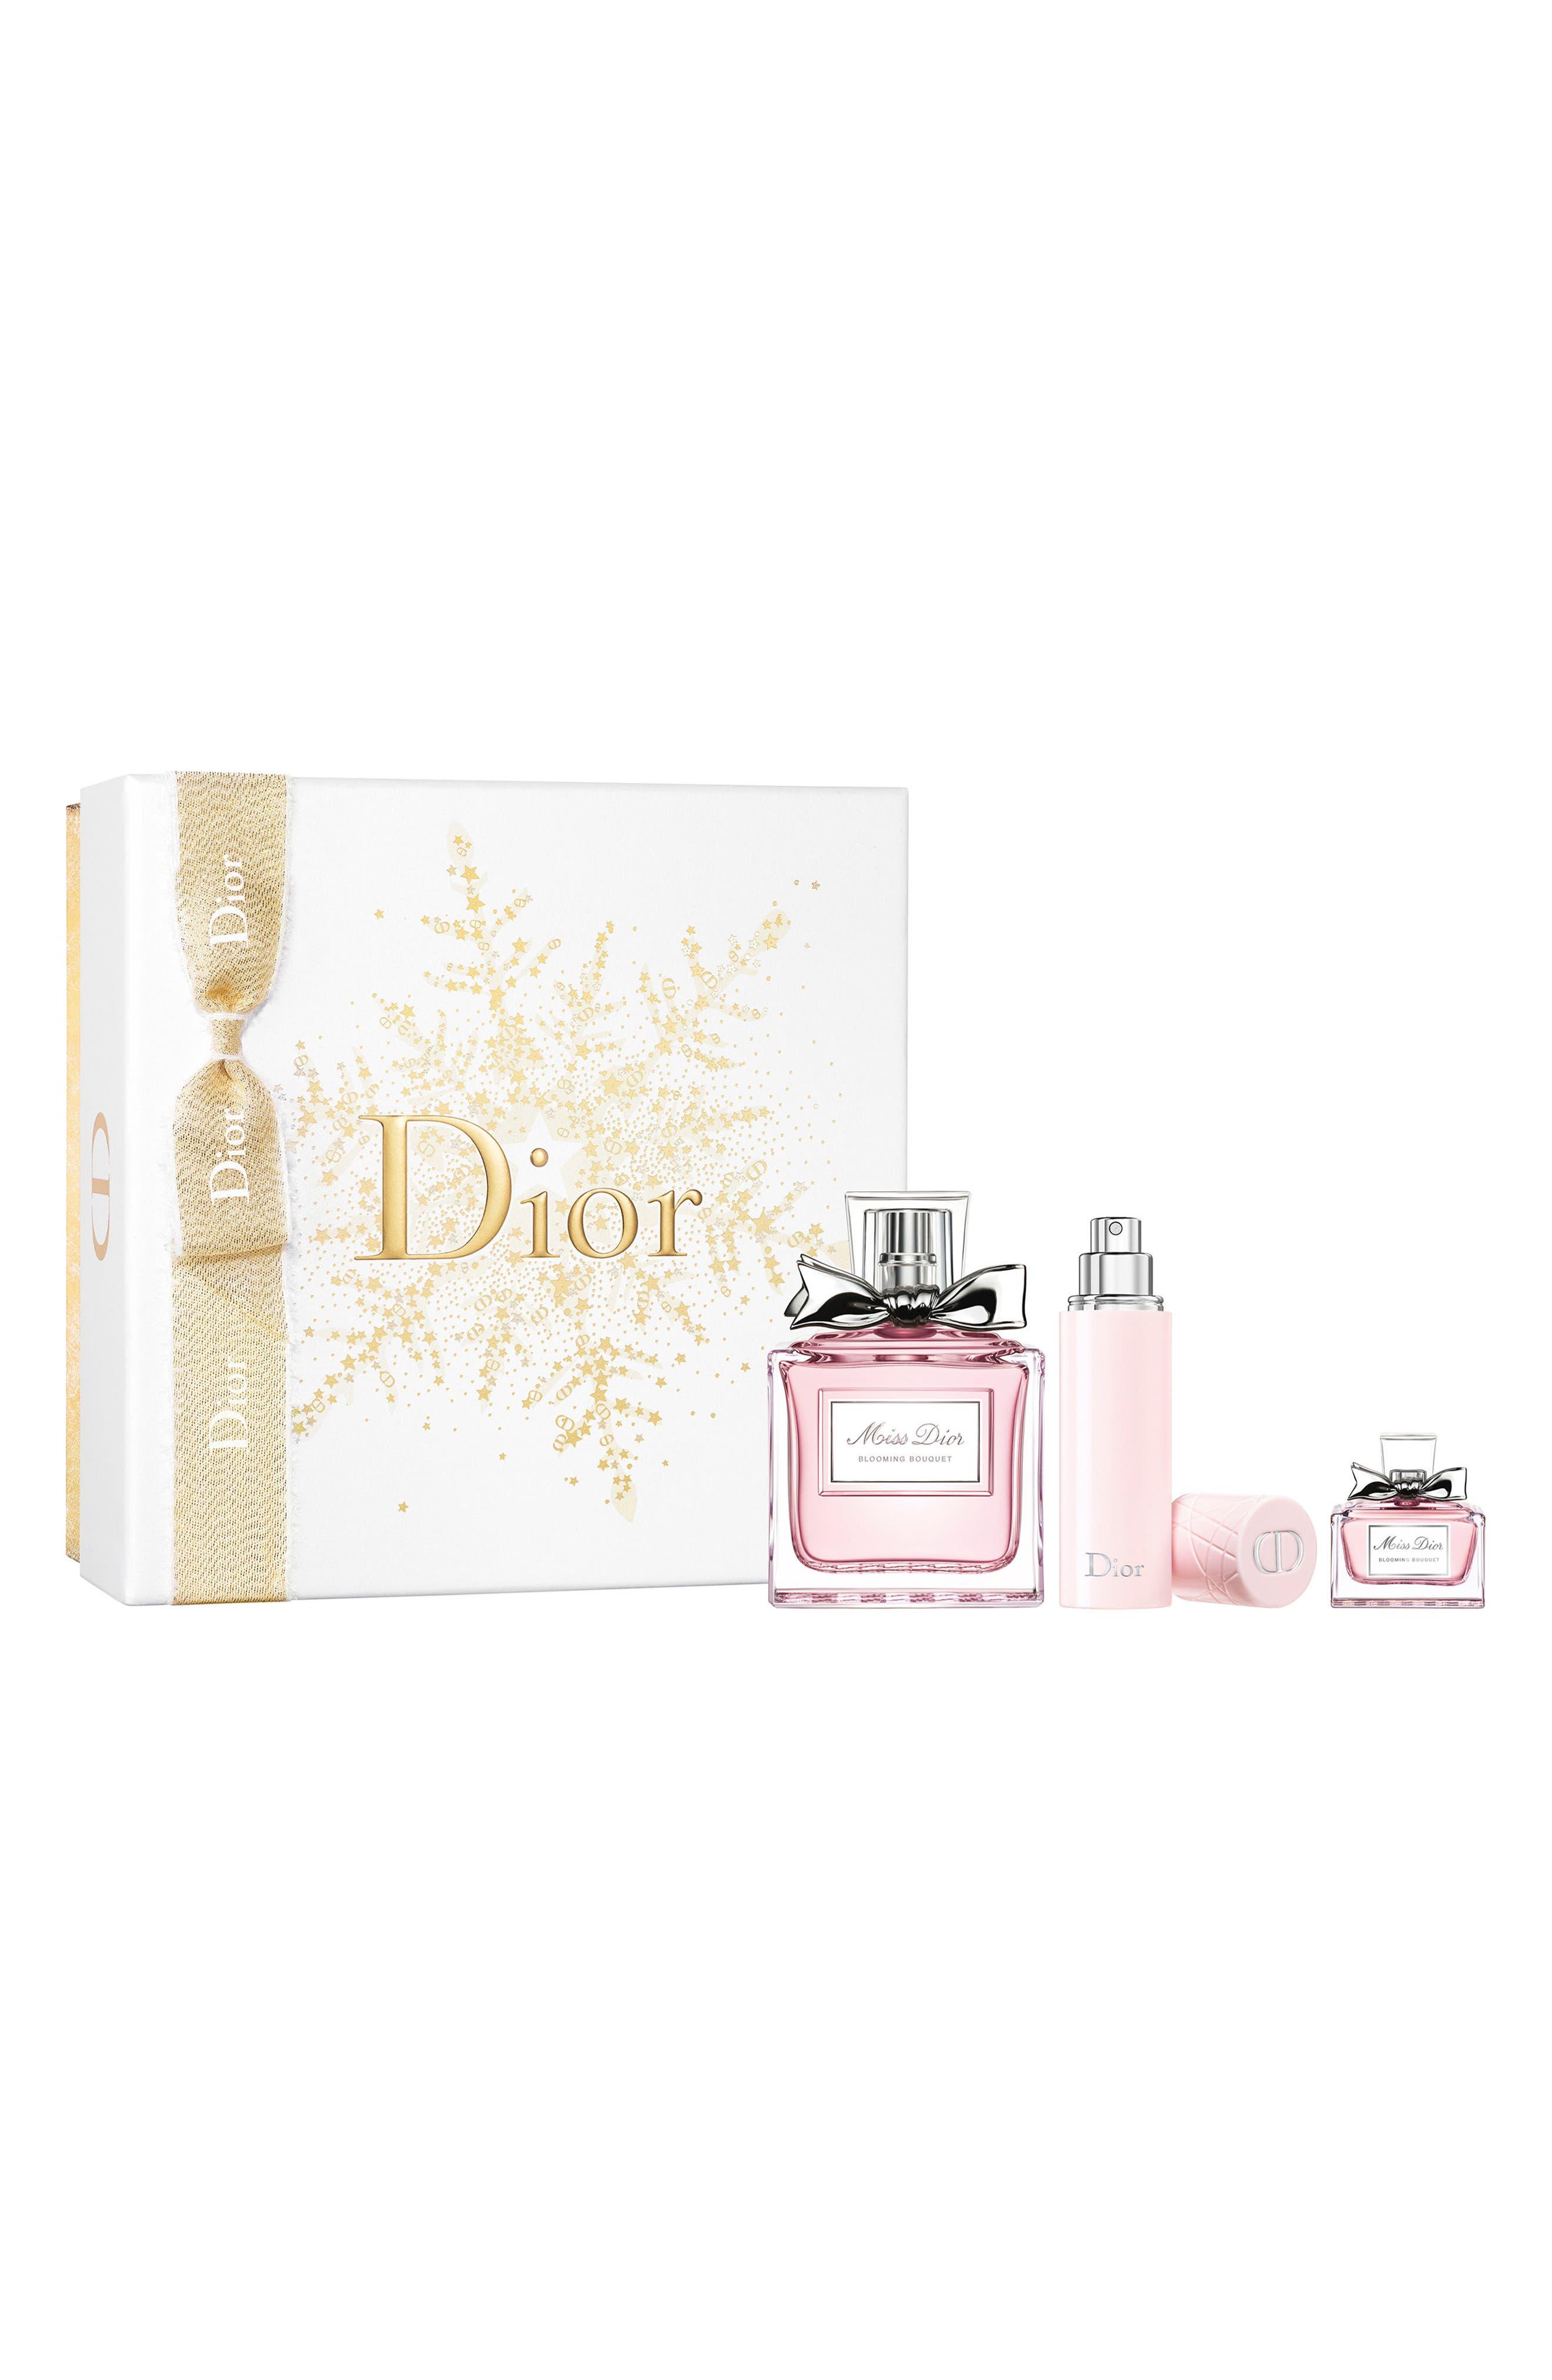 Miss Dior Blooming Bouquet Eau de Toilette Signature Set,                             Main thumbnail 1, color,                             000